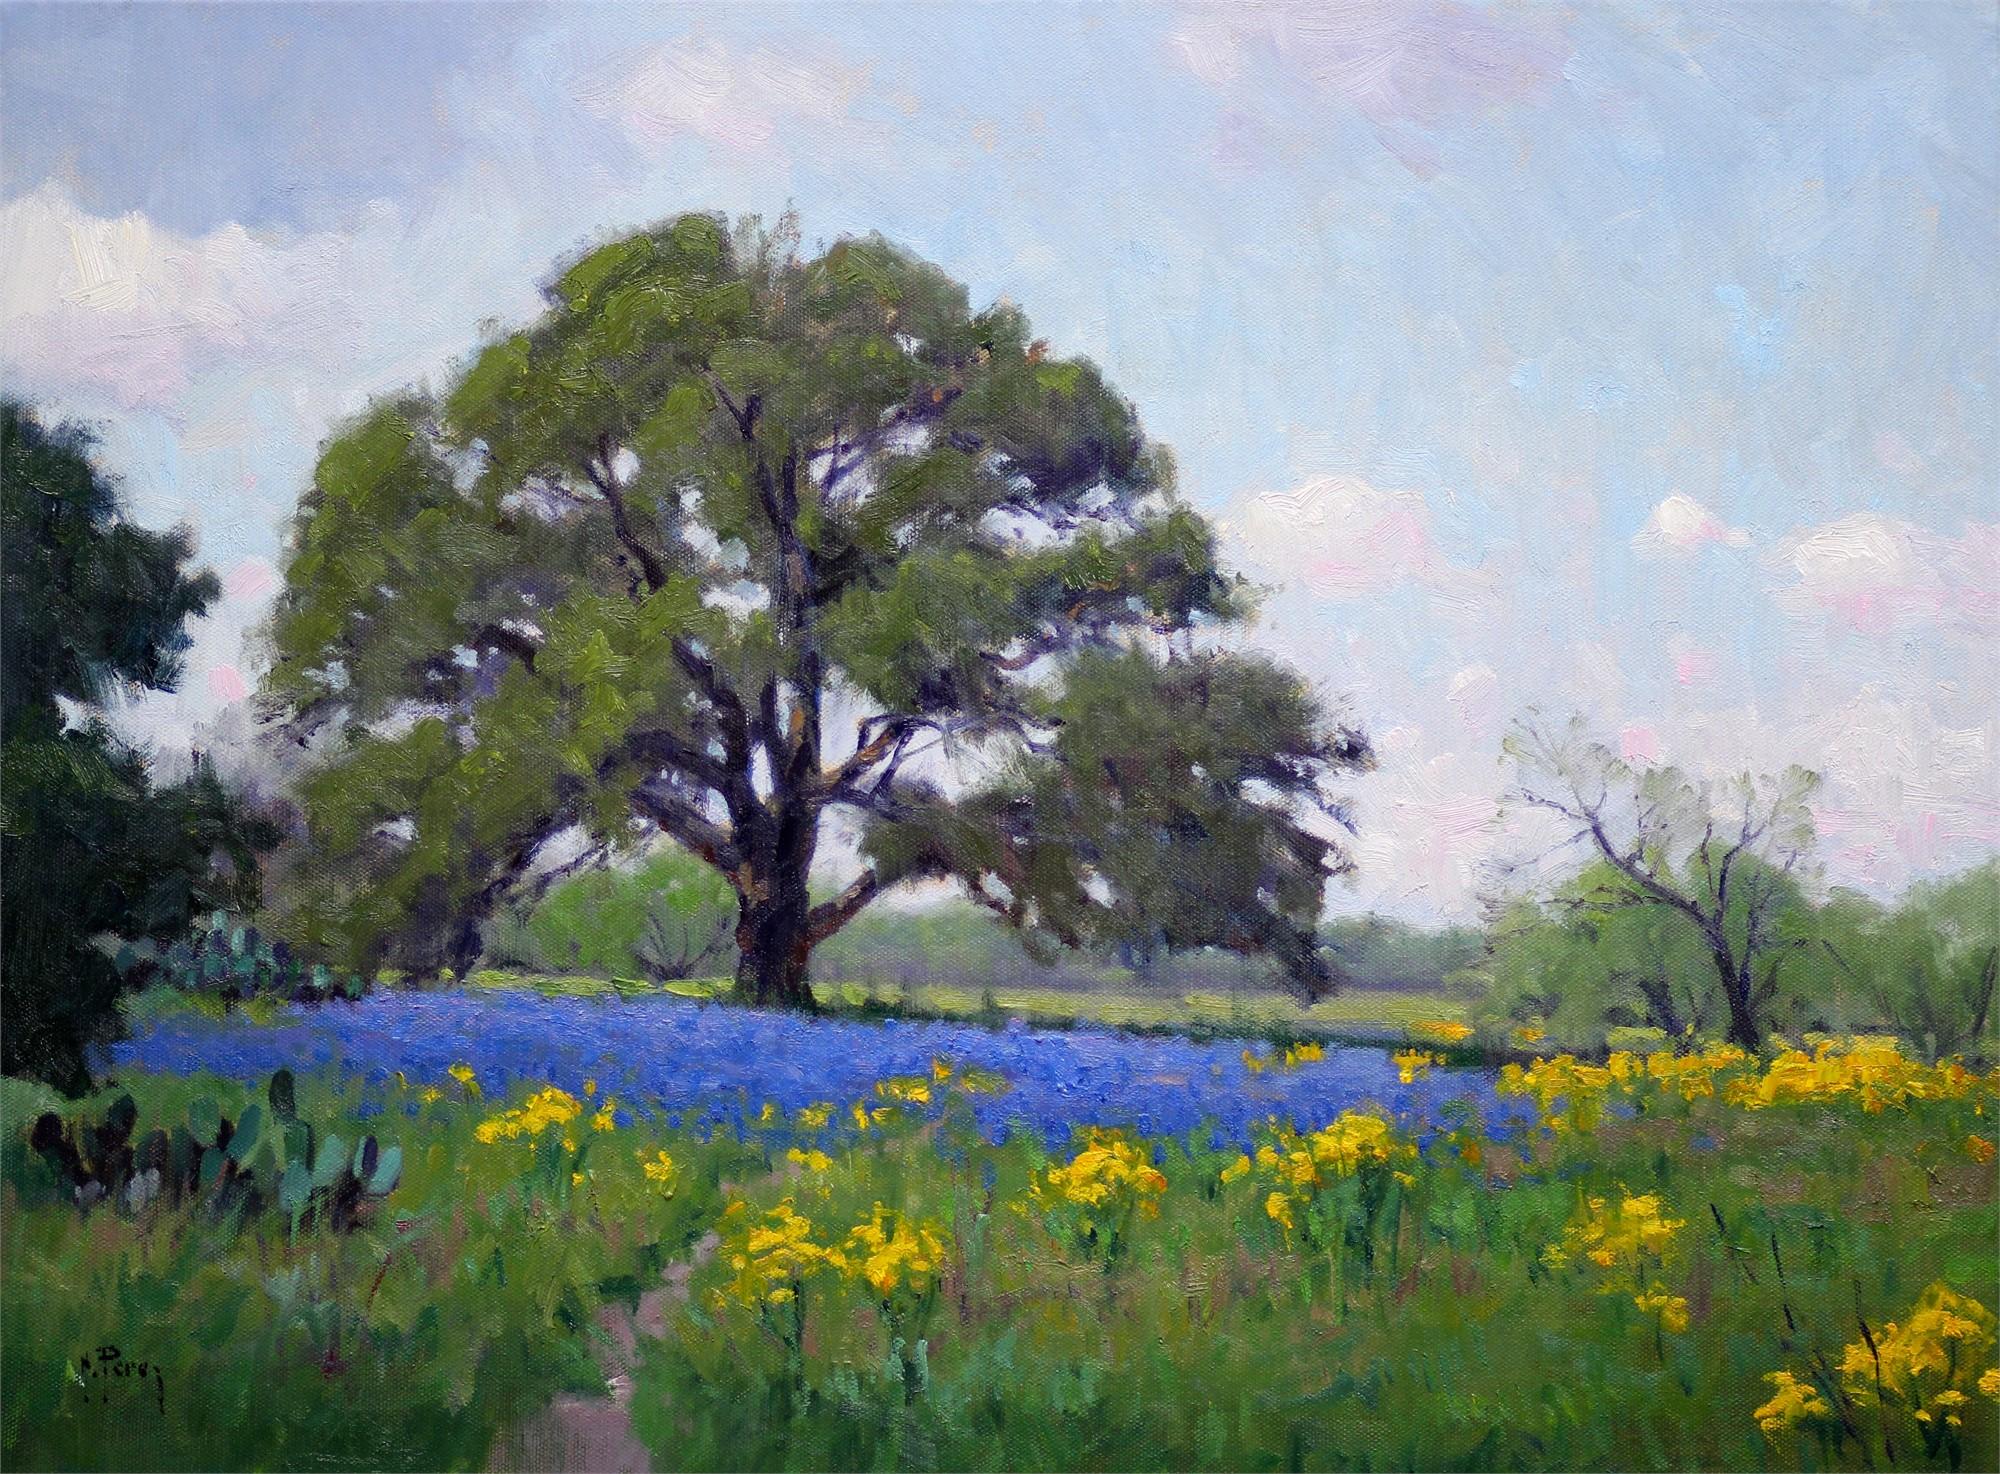 Spring Landscape by Noe Perez